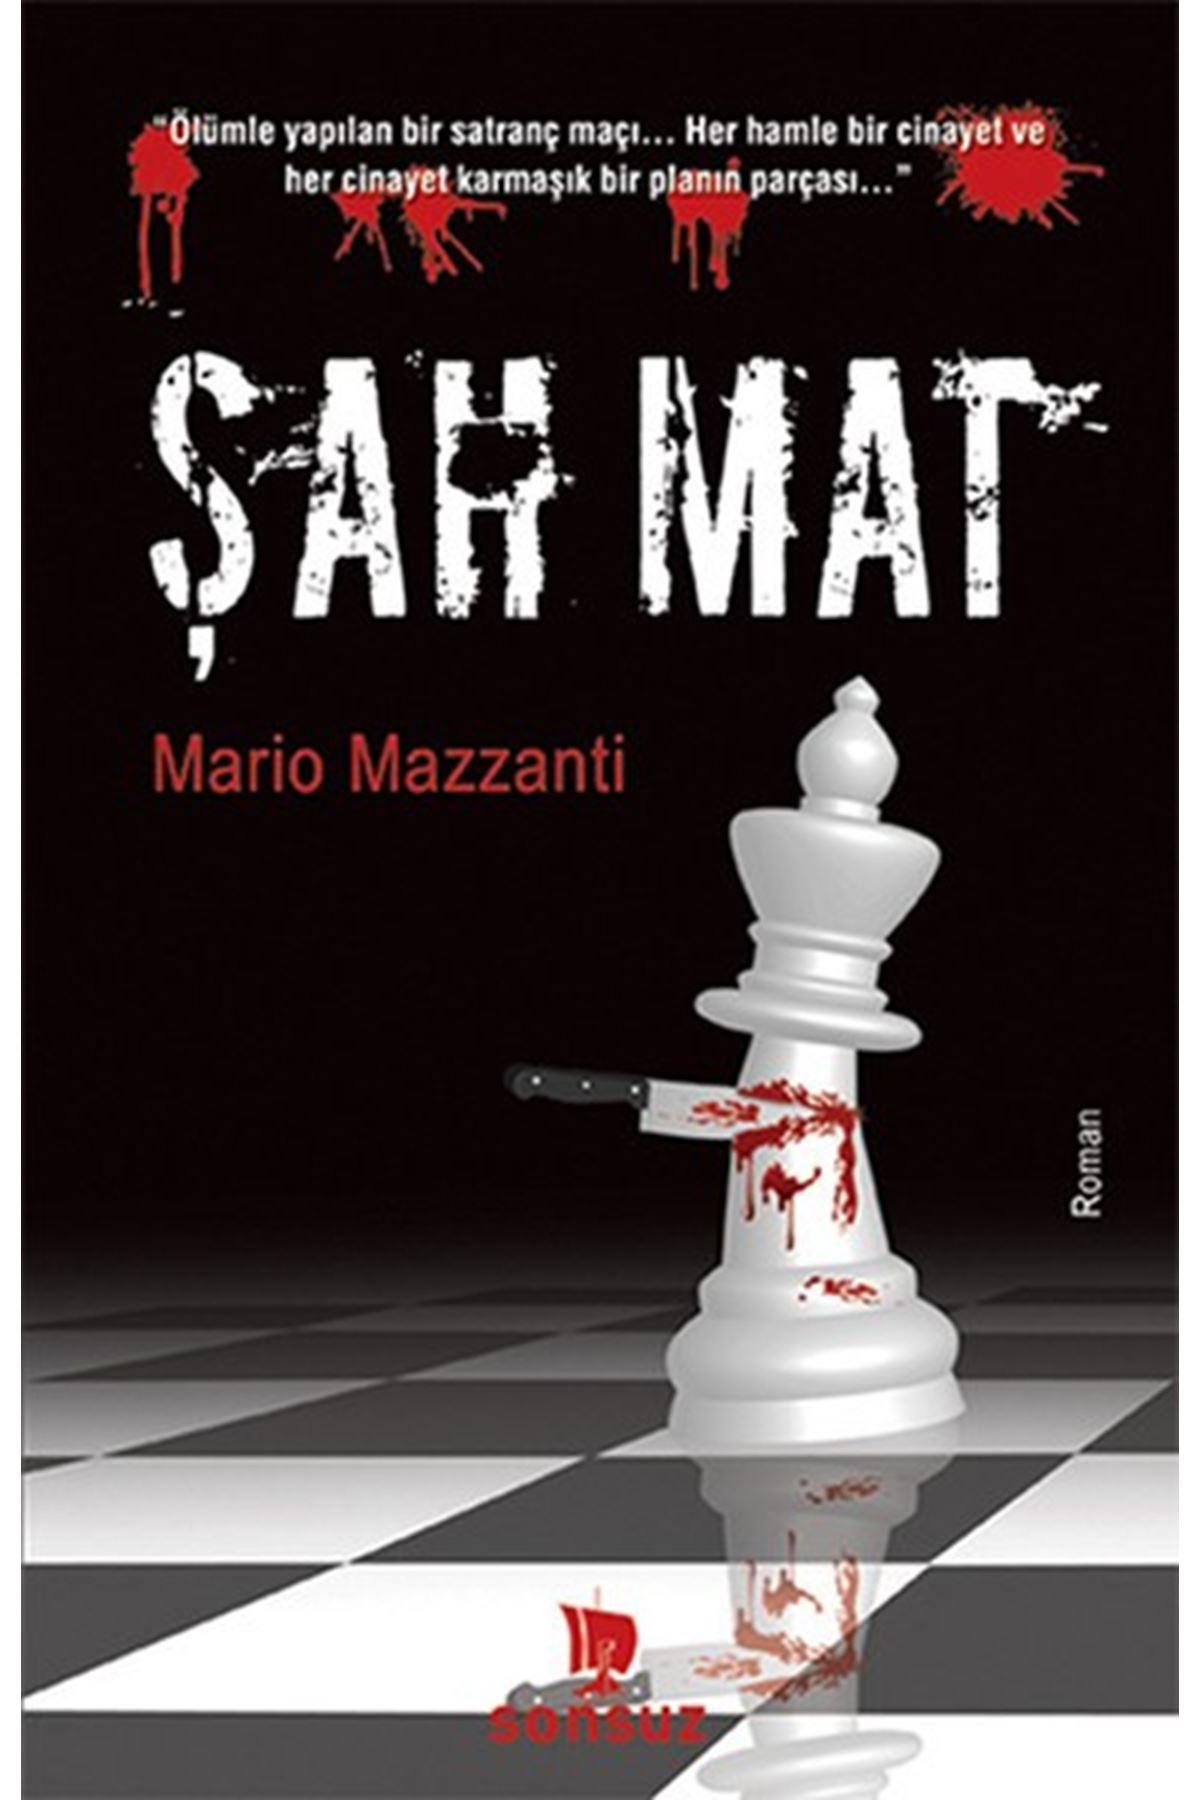 MARİO MAZZANTİ - ŞAH MAT